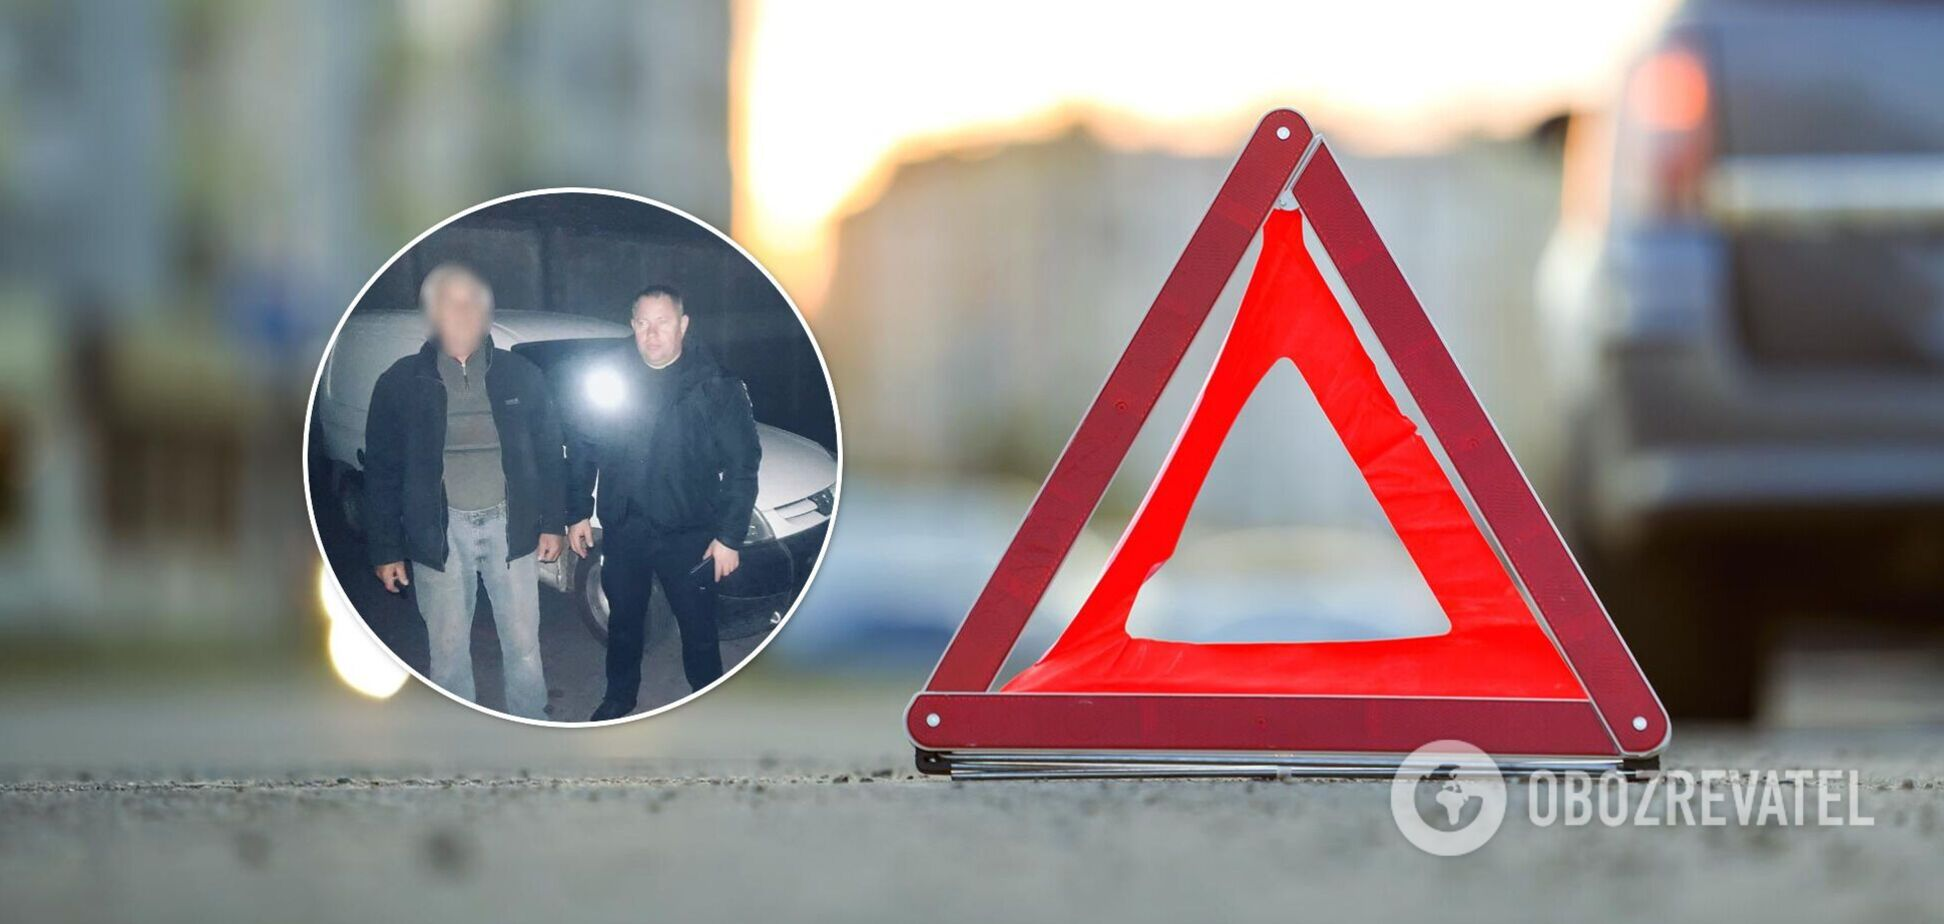 Обстоятельства ДТП установит полиция